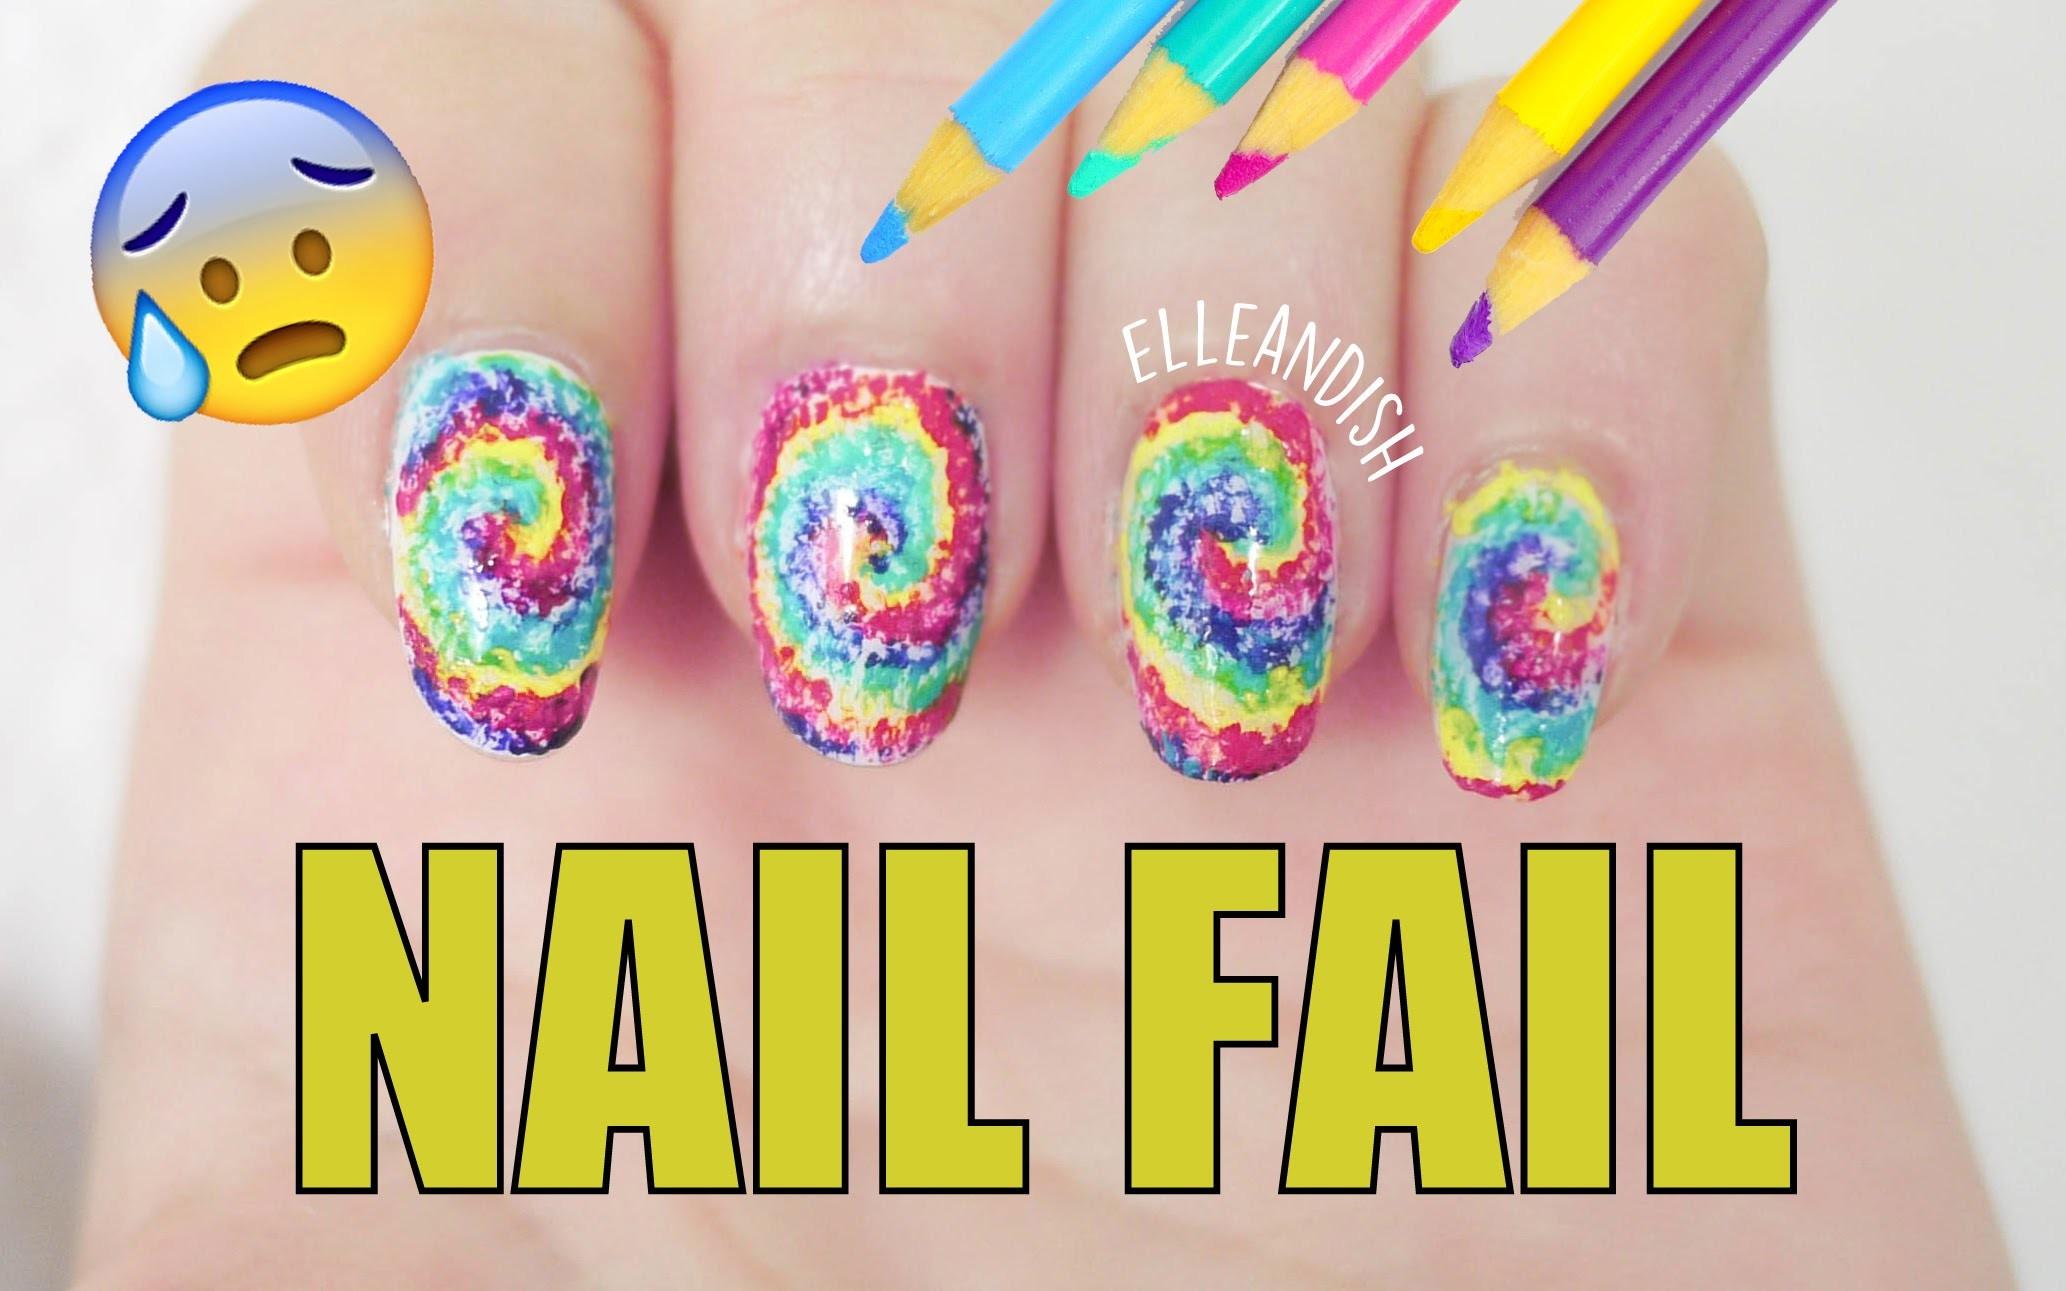 NAIL FAIL: DIY Nail Art Using Colored Pencils